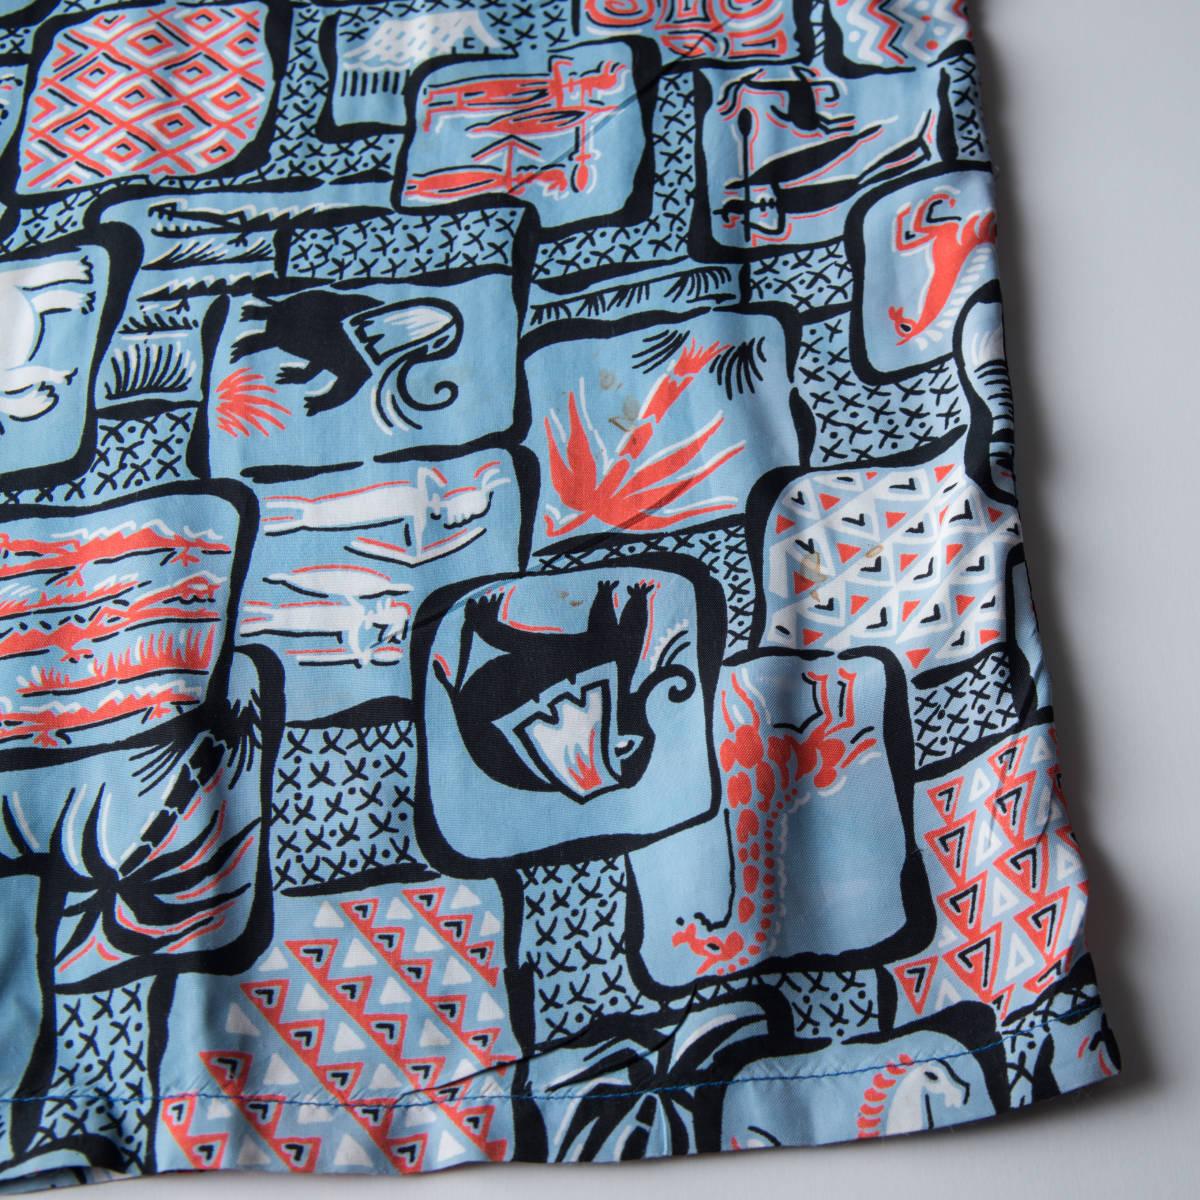 柄良し 50s Marlboro アニマル柄 レーヨン ハワイアン シャツ / ビンテージ アロハシャツ パネル 半袖 総柄 柄 シャツ ロカビリー 40s_画像8